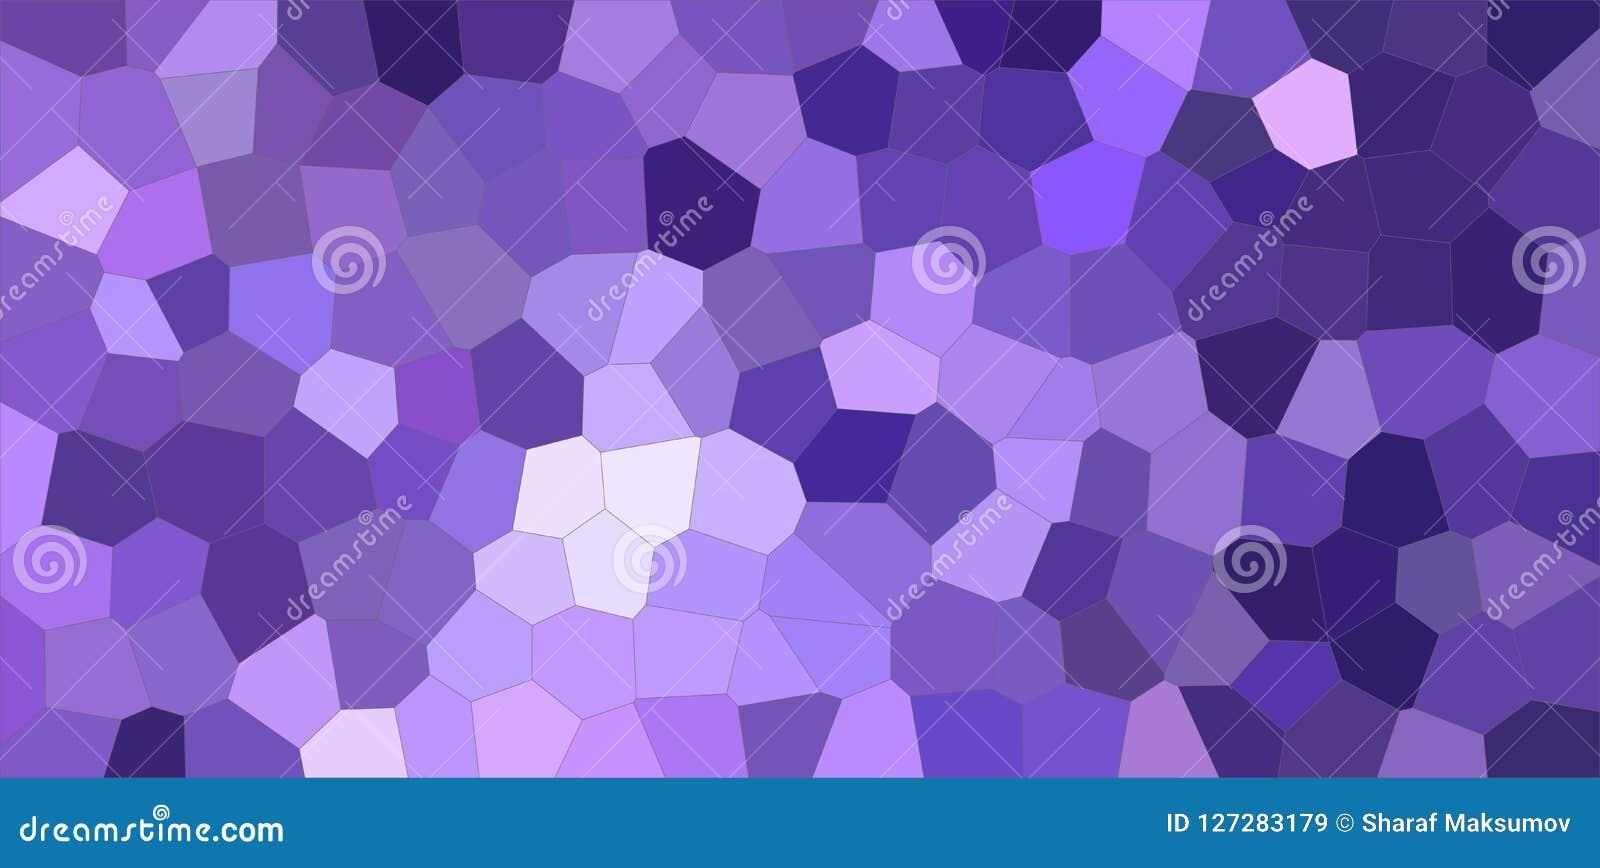 Ejemplo medio colorido azul marino y púrpura del fondo del hexágono del tamaño